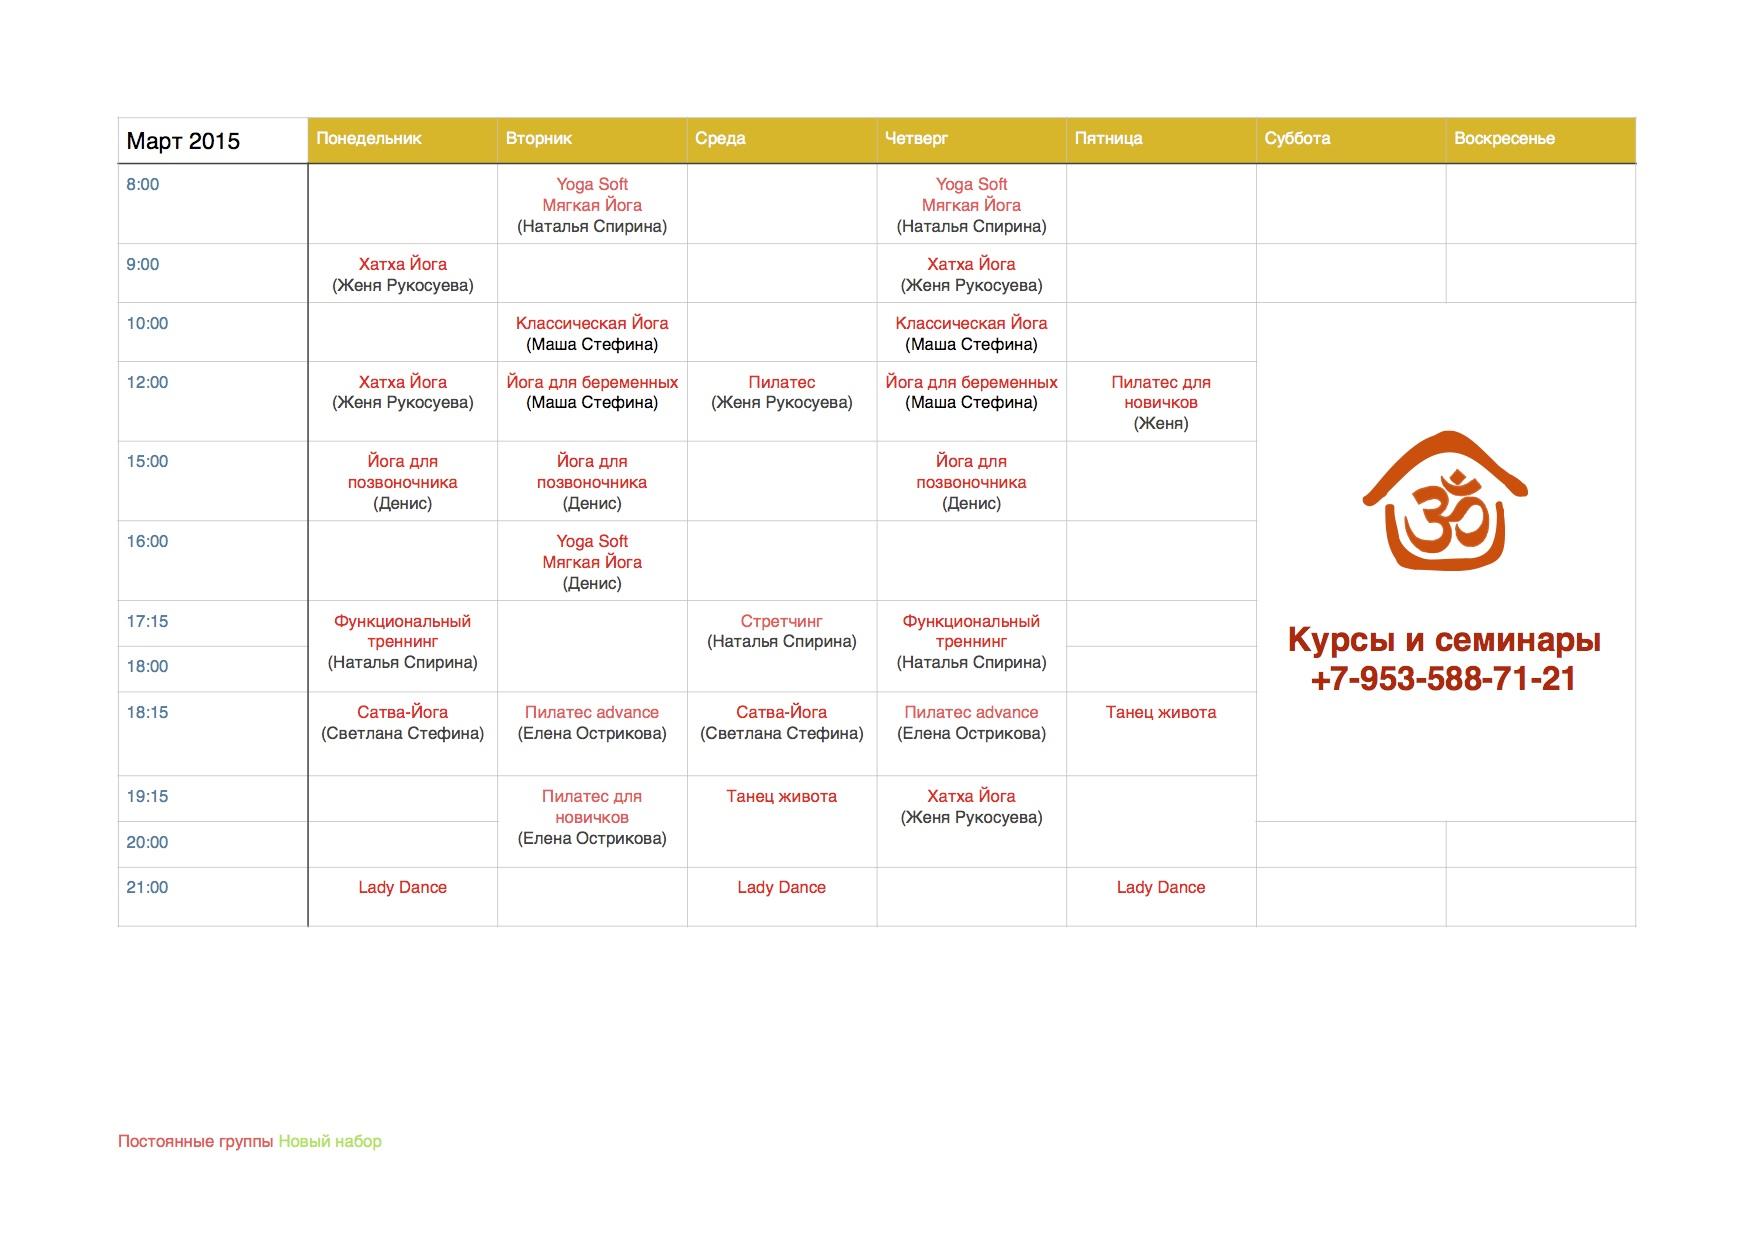 Расписание, март 2015